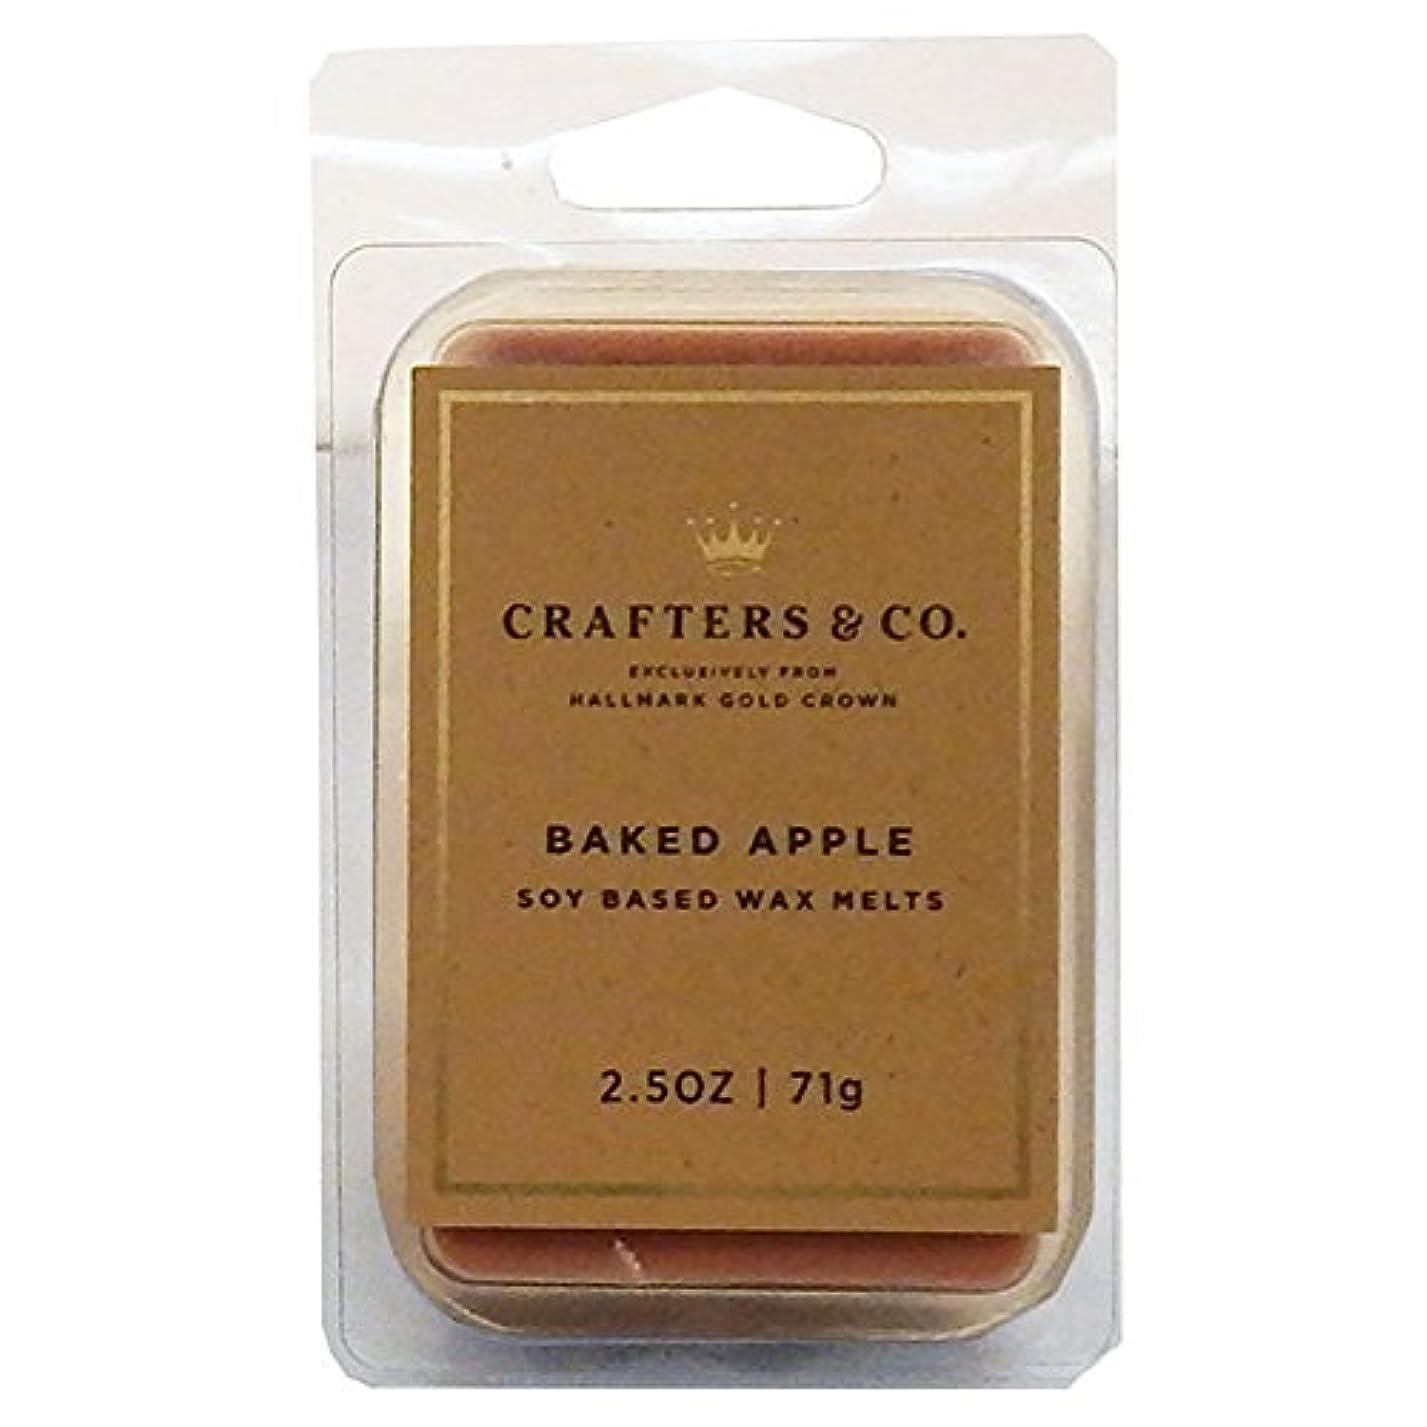 啓示ロータリー読者Crafters & Co – 大豆ワックス基づいてMelts – Baked Appleから – Hallmark Gold Crown